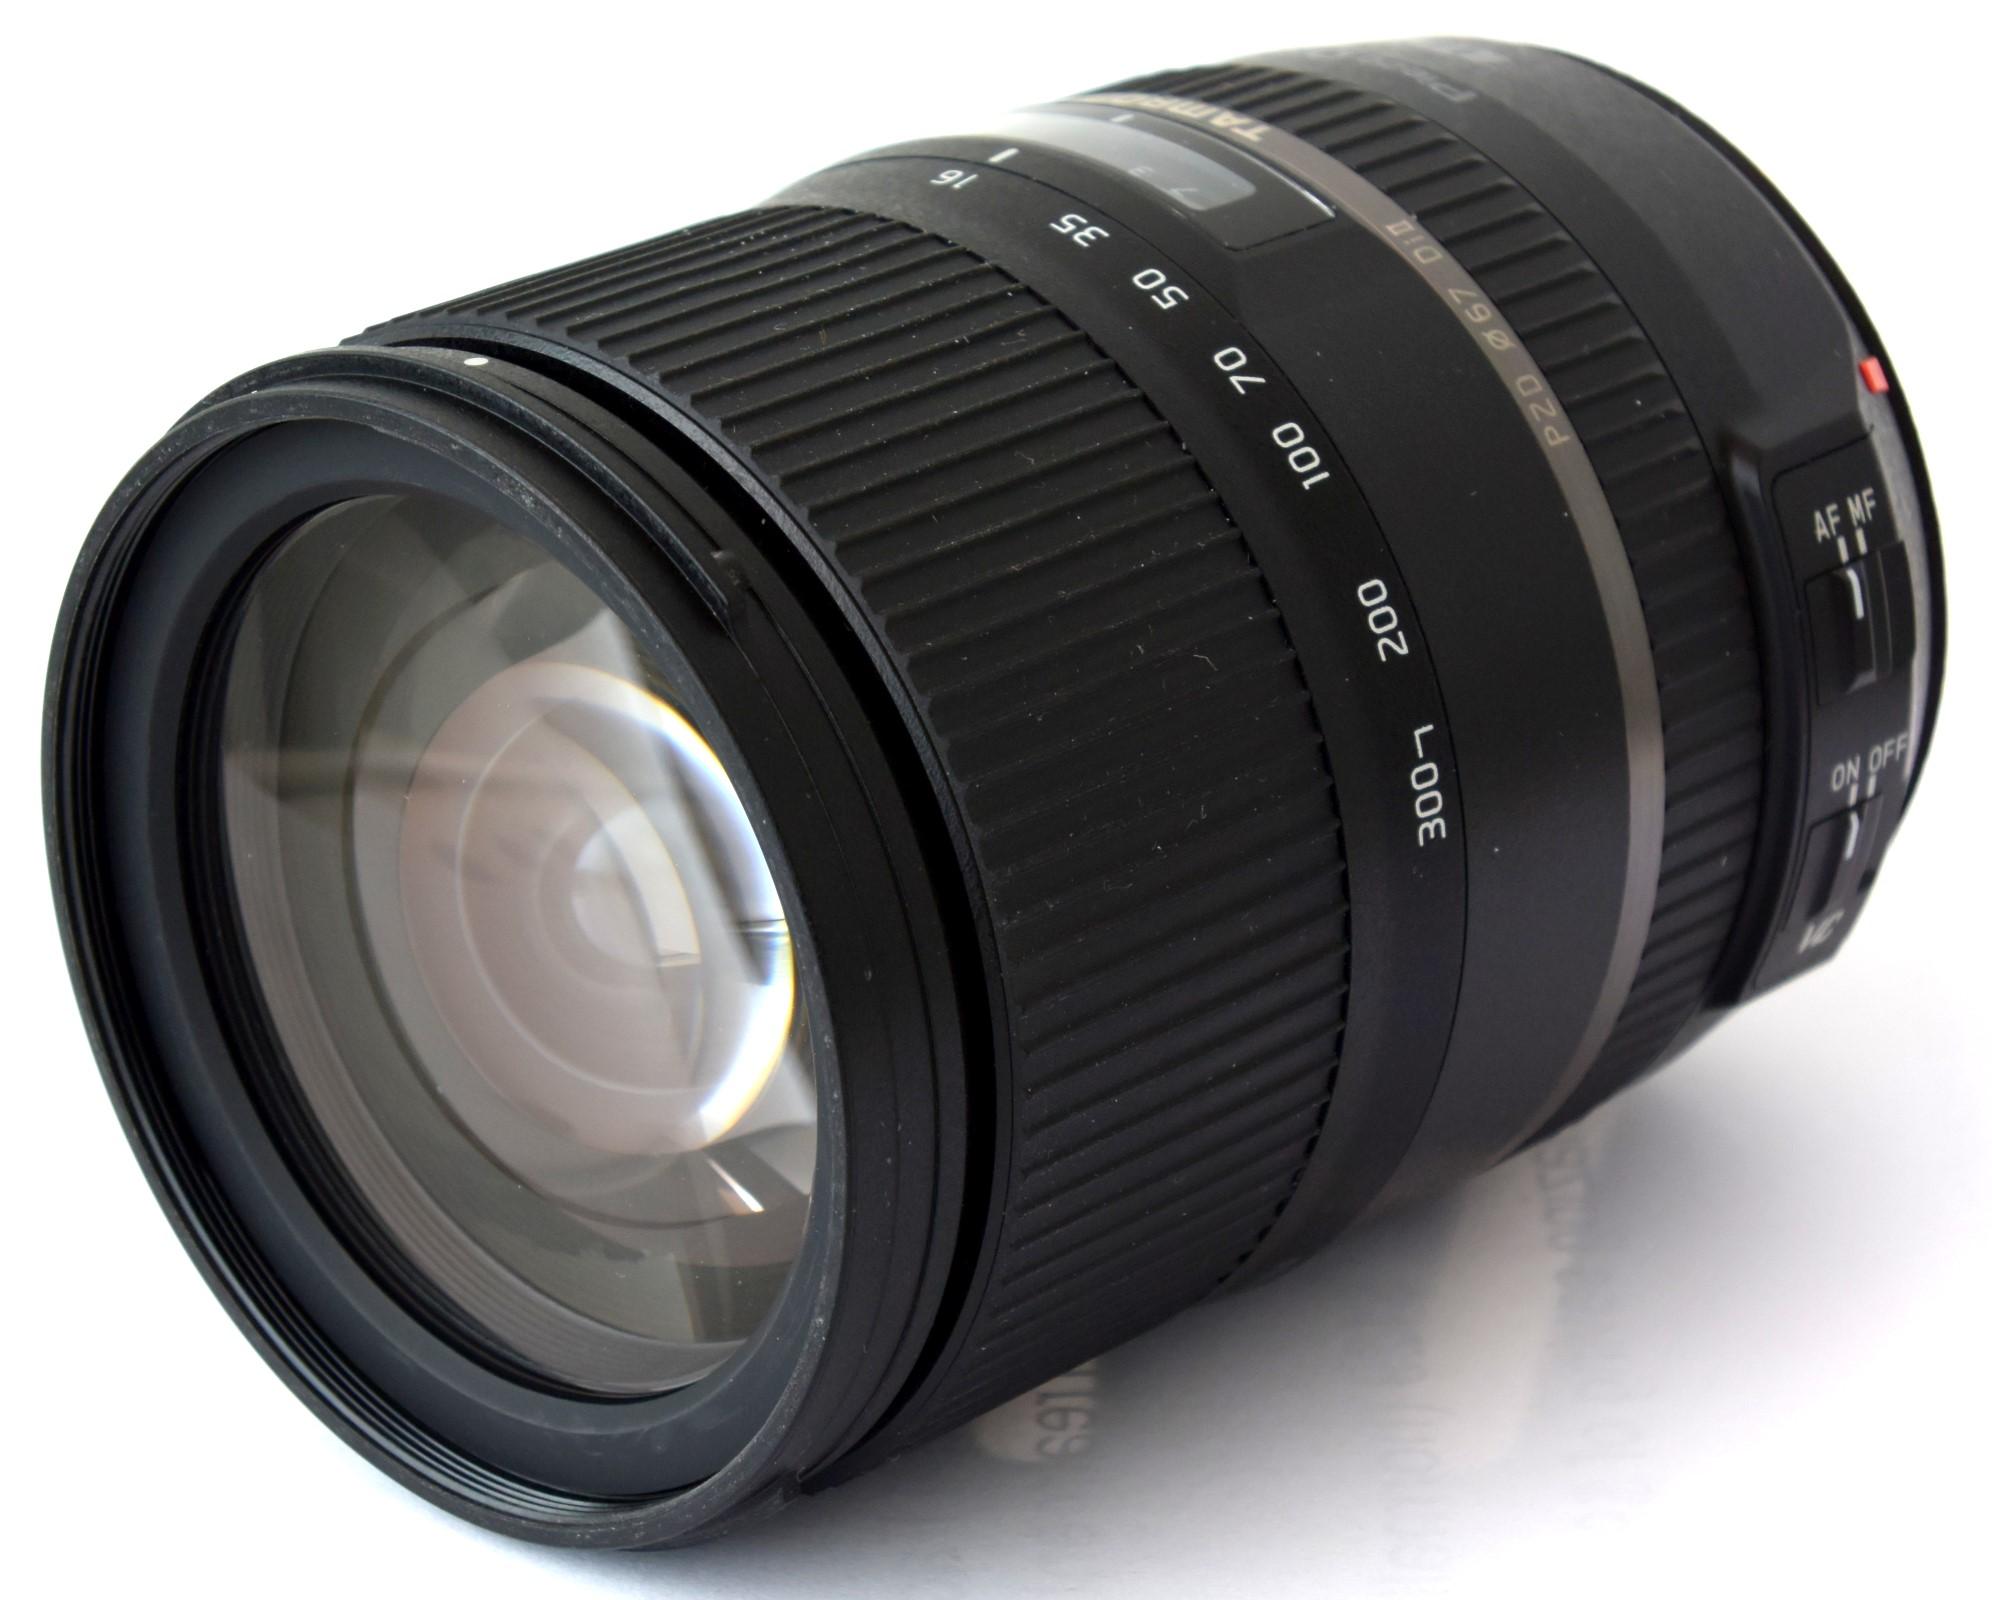 highres-Tamron-16-300mm-f-3-5-6-3-di-ii-vc-pzd-macro-3-Custom_1402145962.jpg